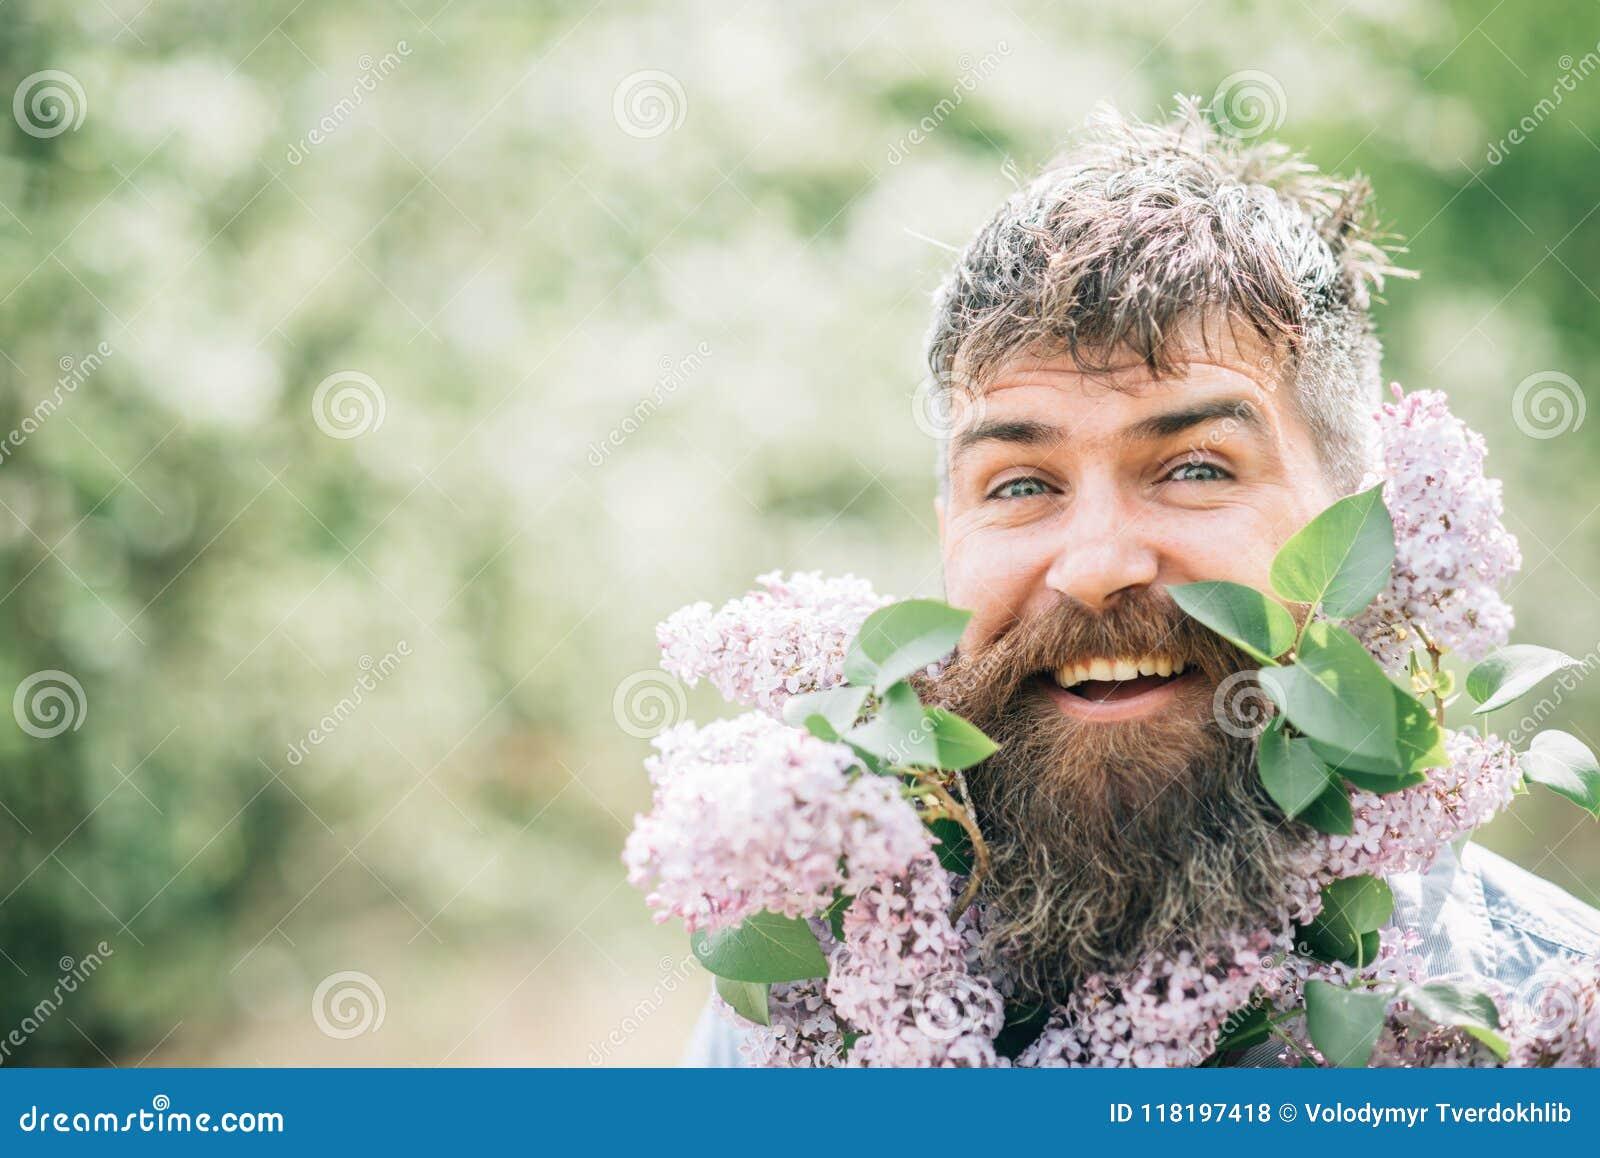 Szczęśliwy mężczyzna z bzem w brodzie Brodaty mężczyzna uśmiech z bzem kwitnie na słonecznym dniu Modniś cieszy się perfumowanie